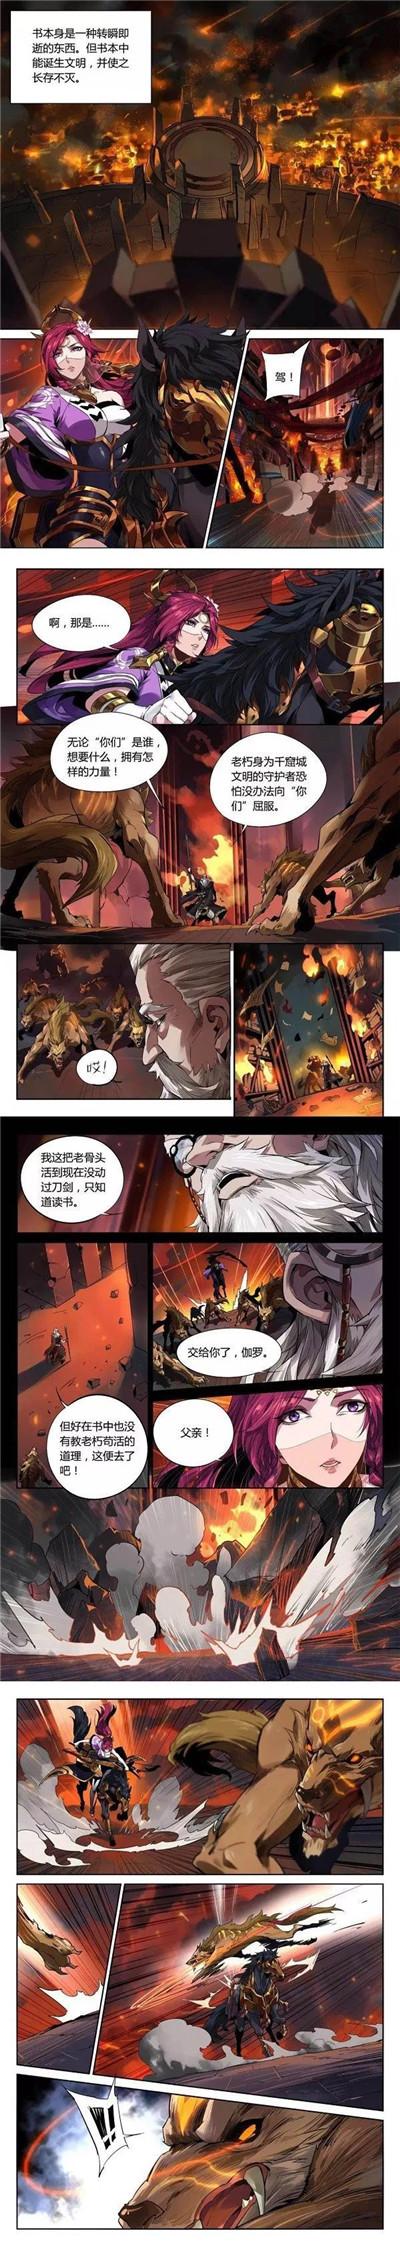 王者荣耀伽罗官方漫画:伽罗小姐姐颜值爆炸